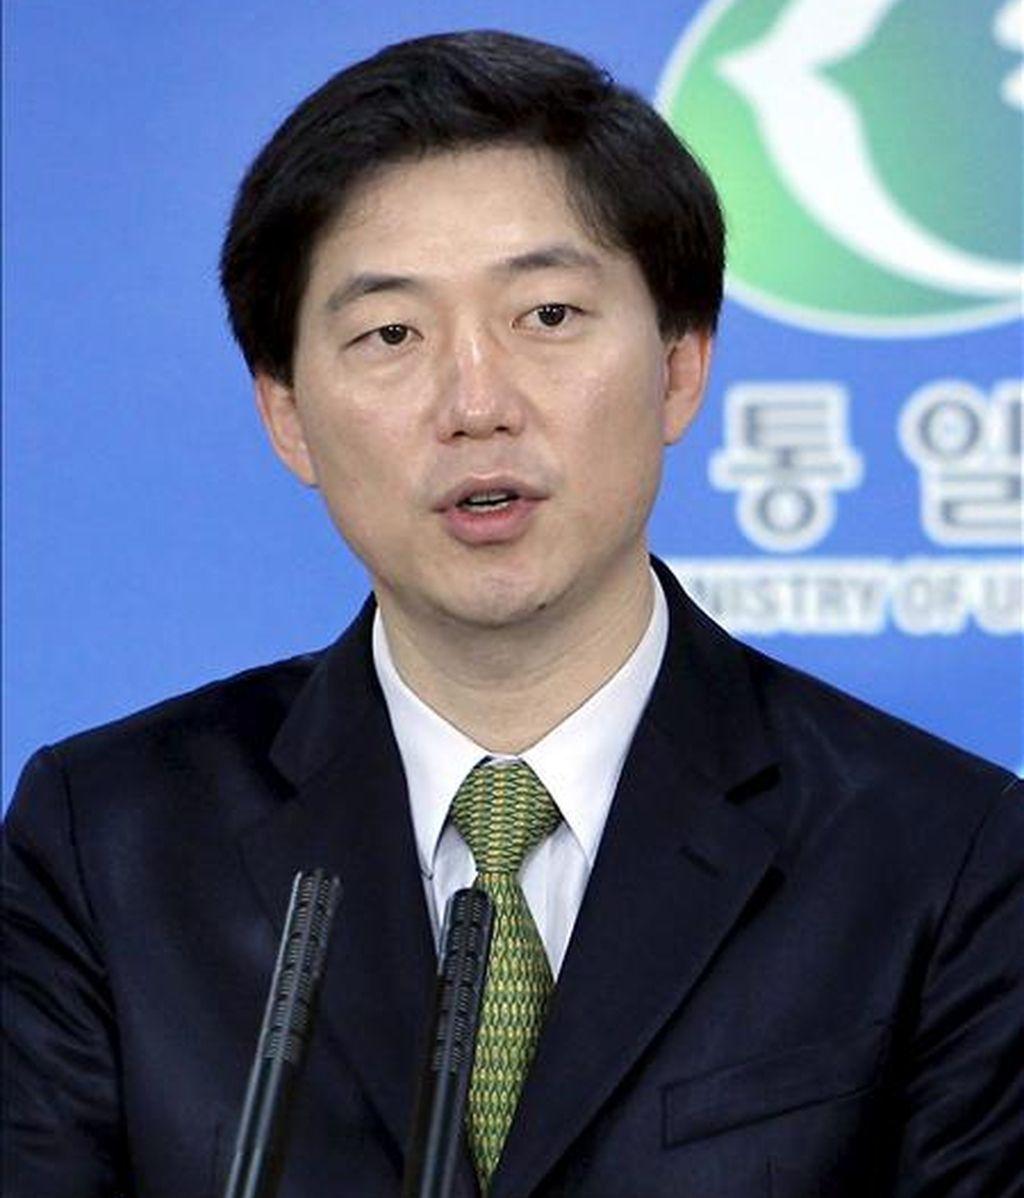 El portavoz del Ministerio de Unificación surcoreano, Chun Hae-sung, comparece en rueda de prensa en Seúl (Corea del Sur). EFE/Archivo